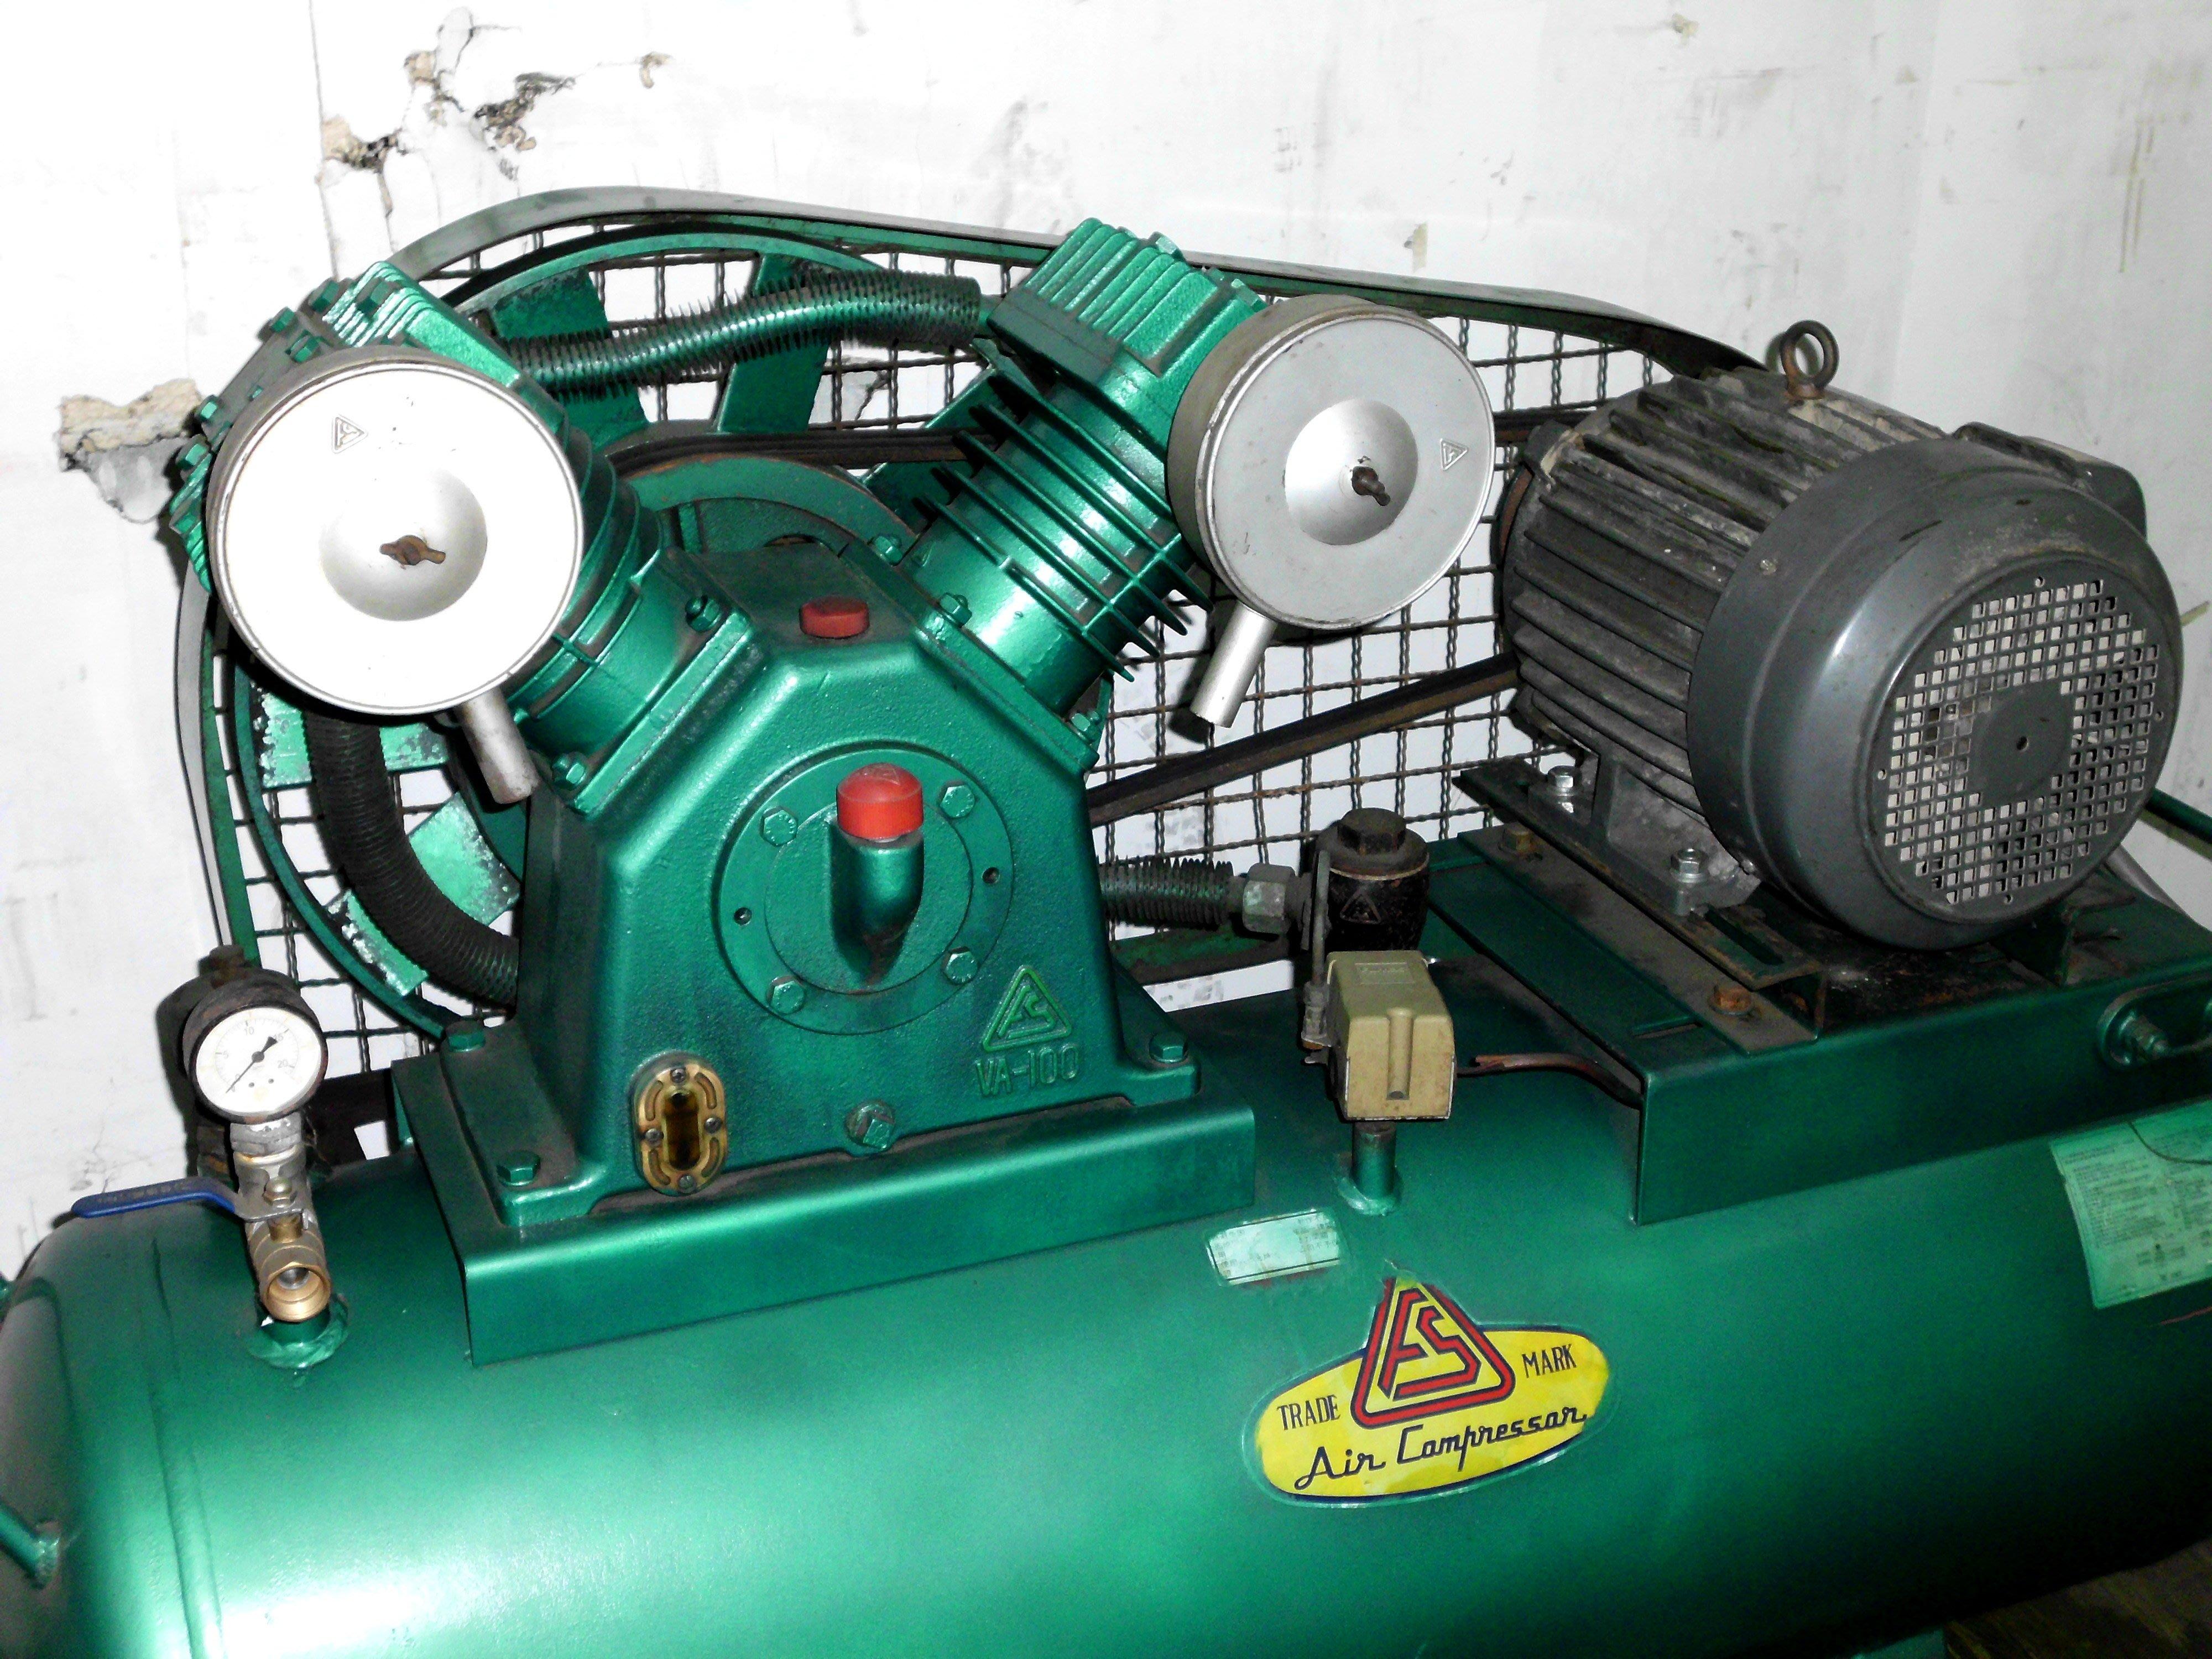 中古7.5HP復盛空壓機 三相220V(中古機庫存 不定期更新)